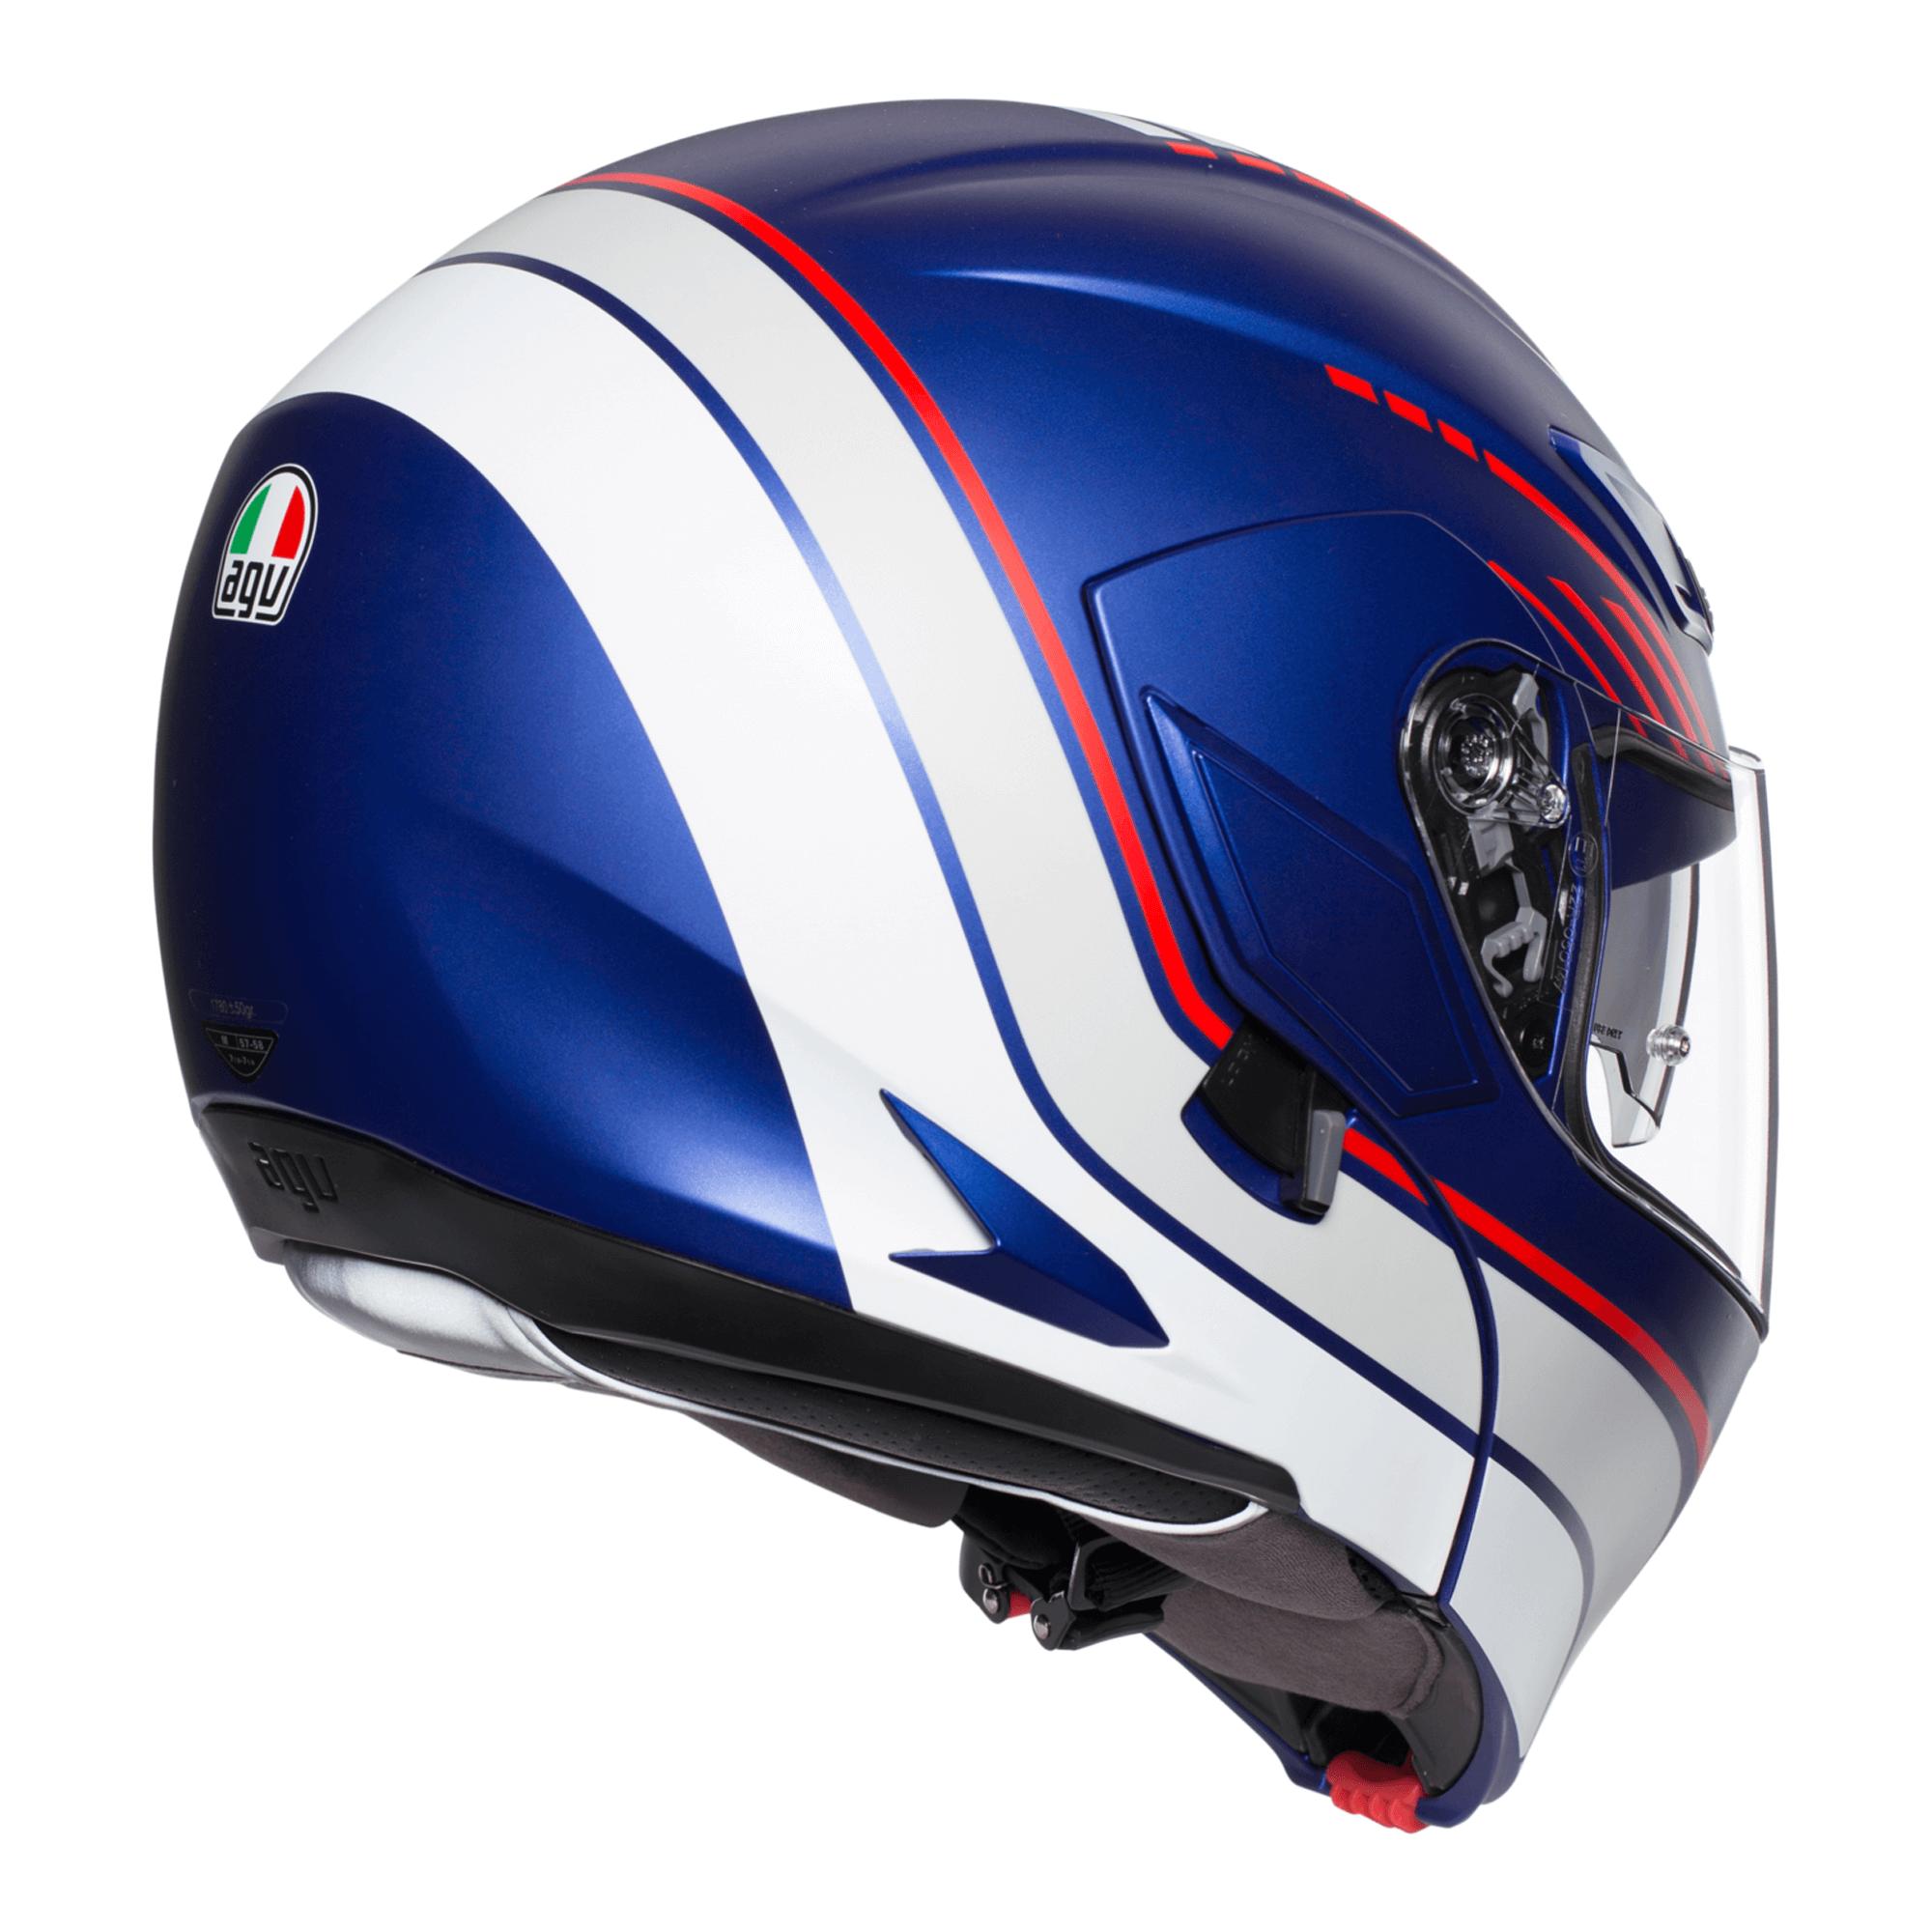 on sale AGV GT Veloce Monterey Pinlock Helmet Black/White